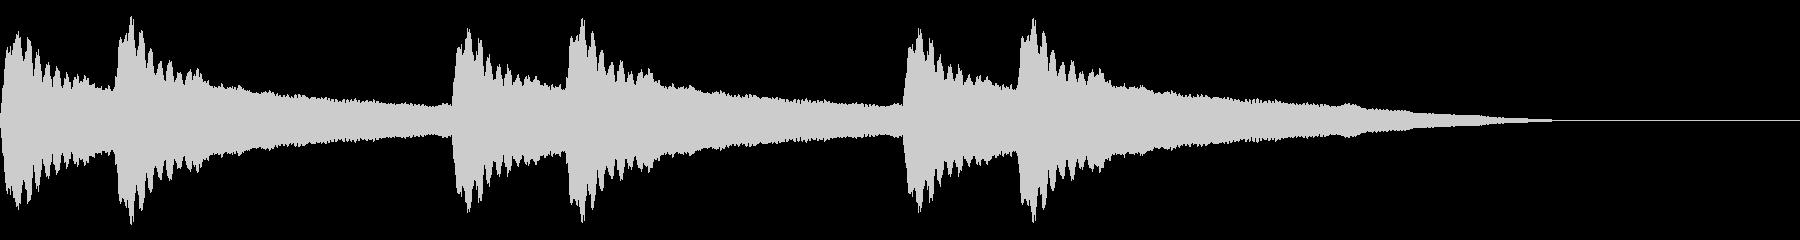 チリーンチリーン☆洋風学校のチャイム音の未再生の波形